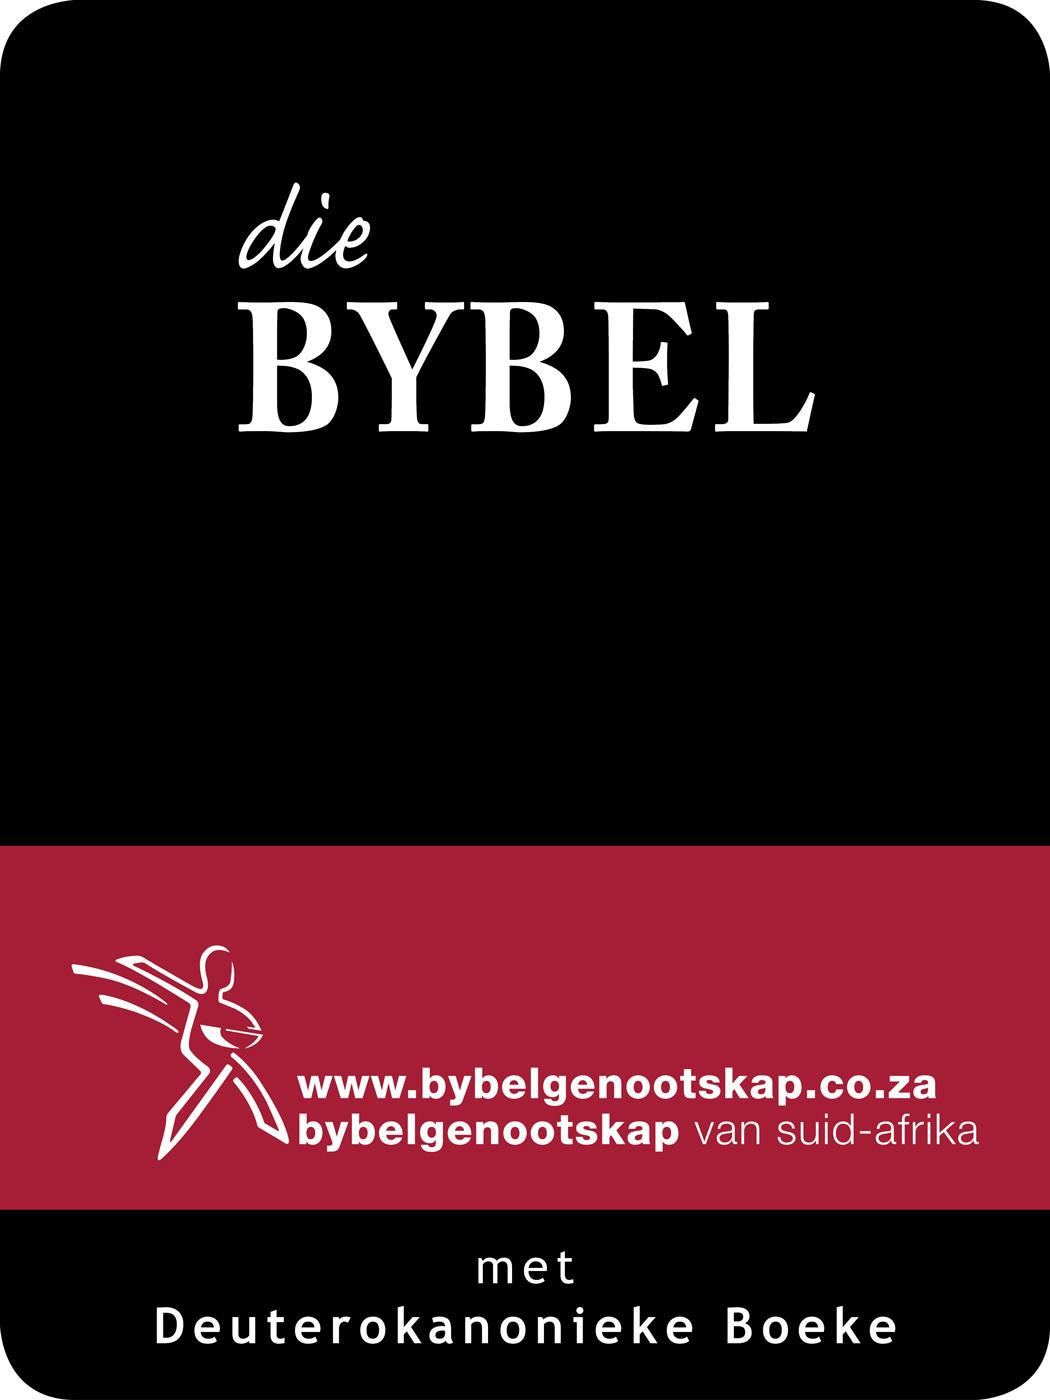 Afrikaans 1933/1953 met Deuterokanonieke boeke